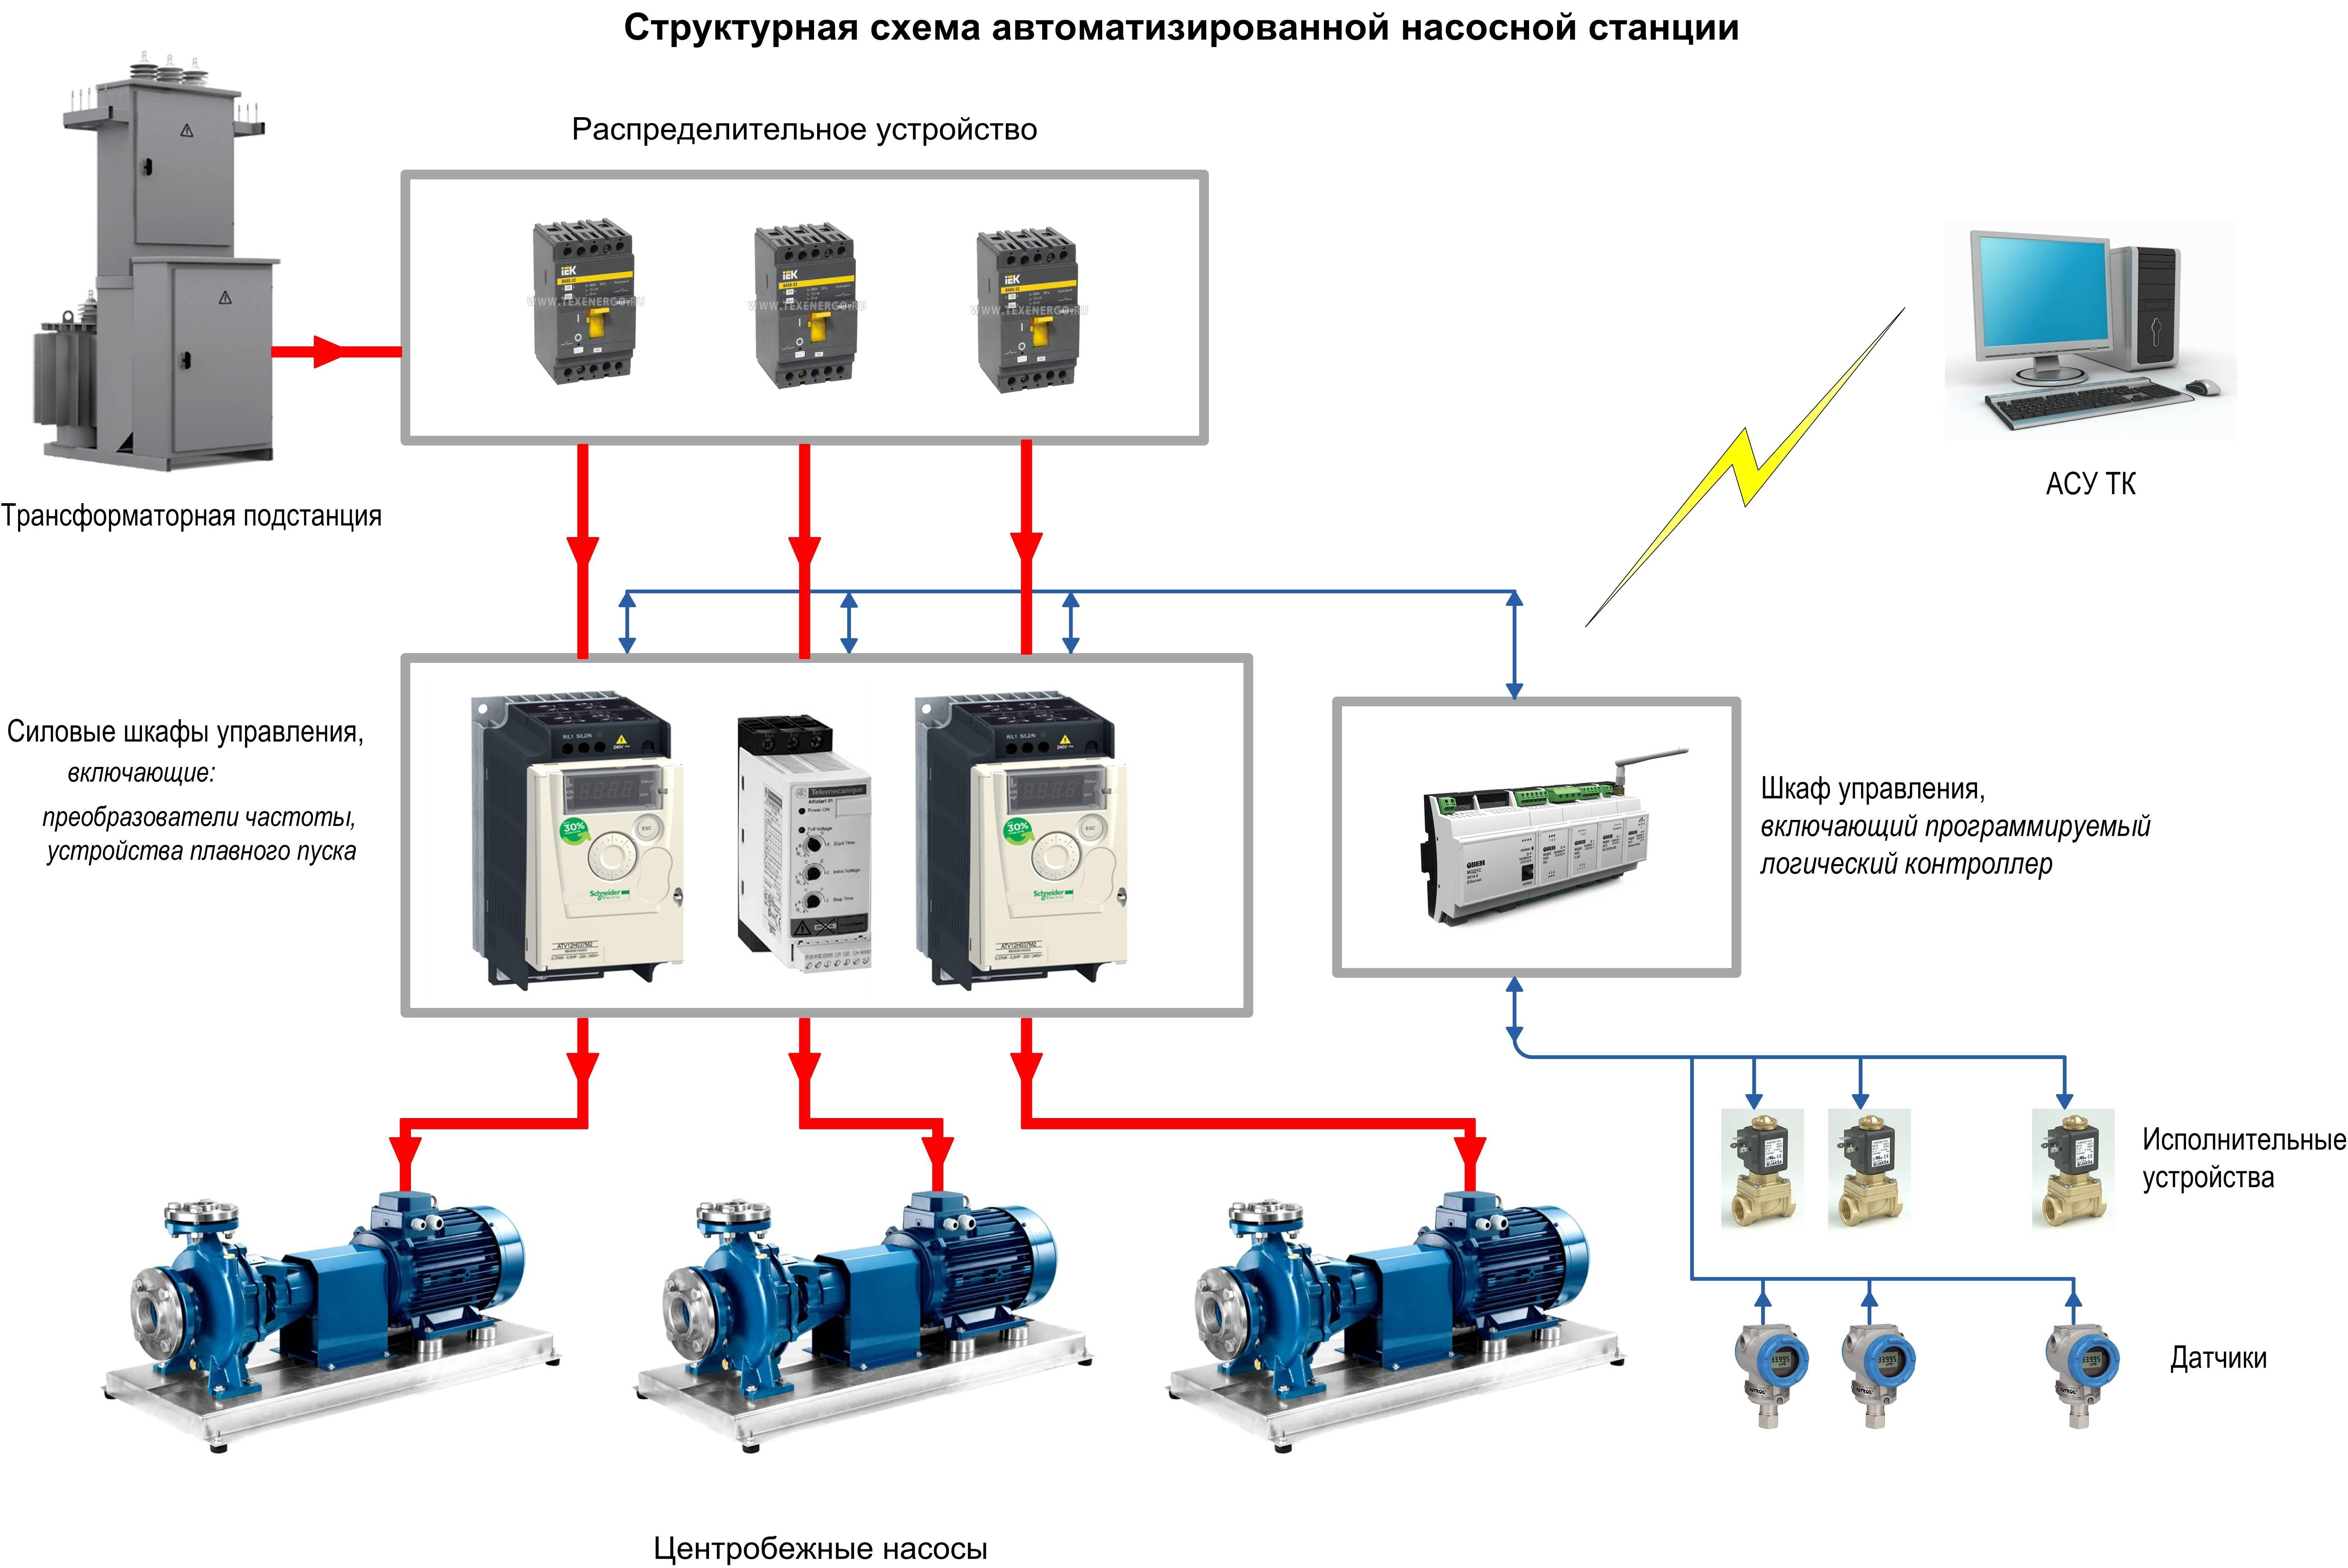 Гидроаккумулятор: принцип работы, устройство, схема, расчет, установка, подключение